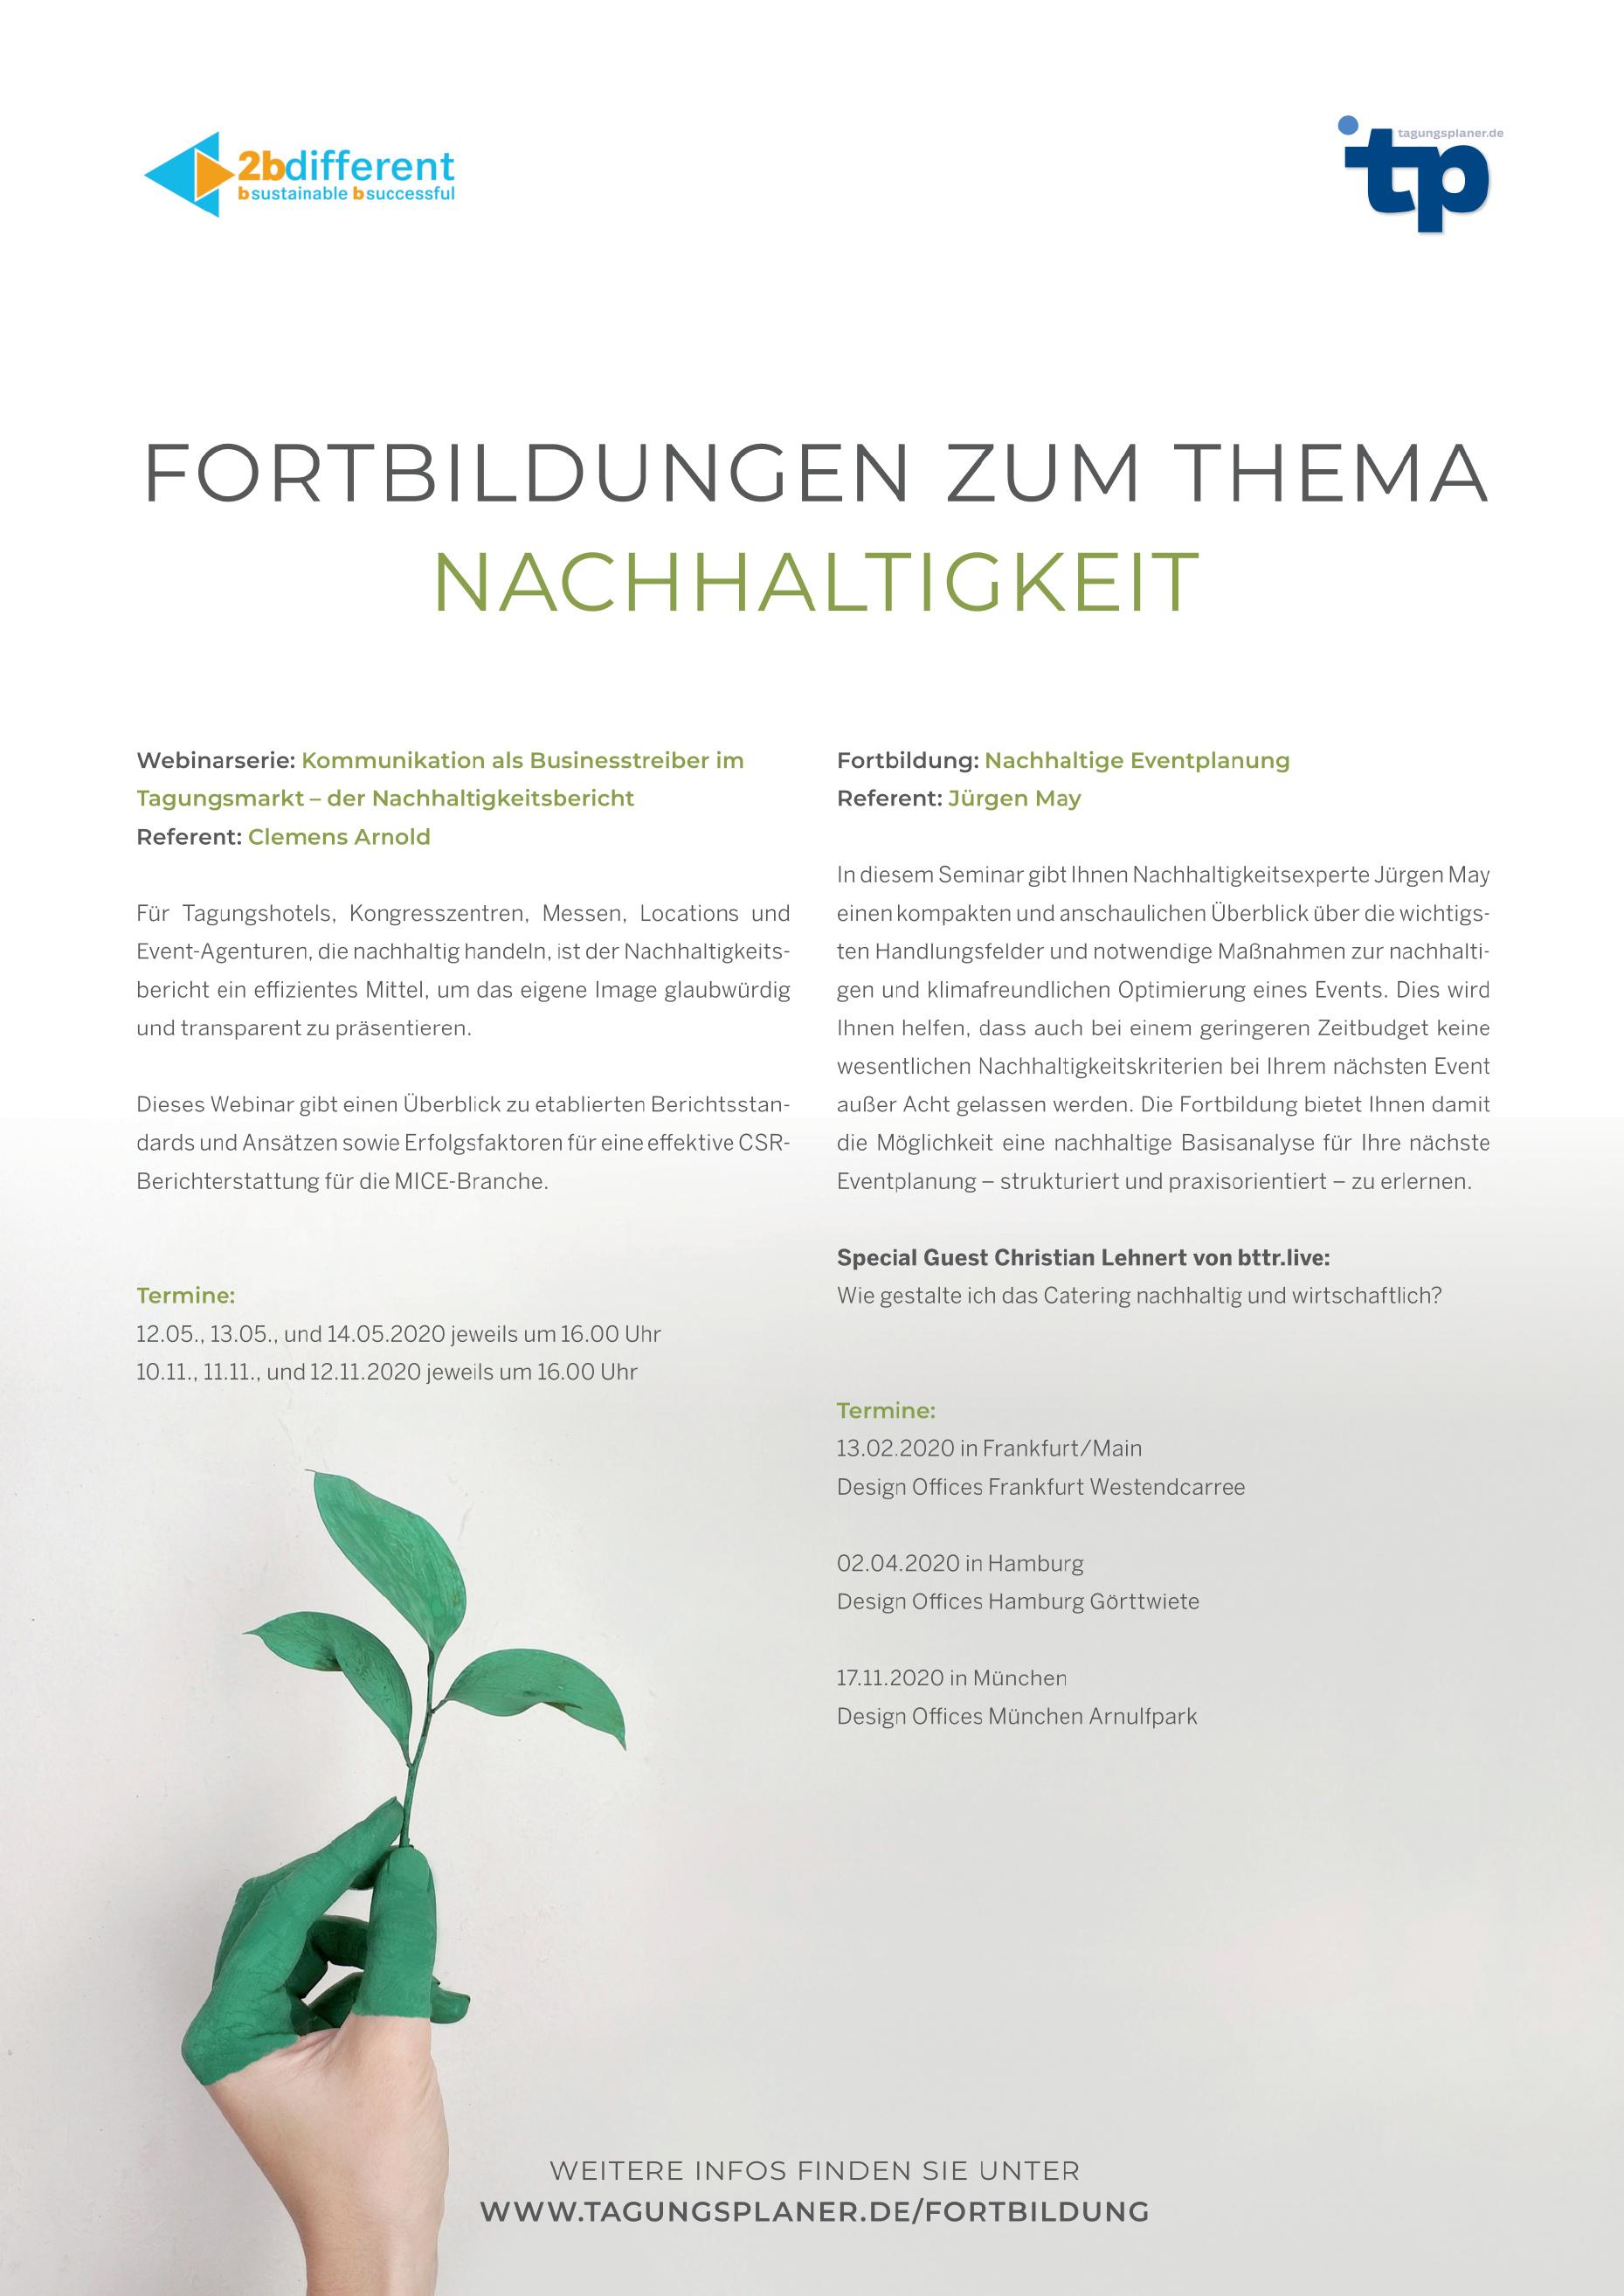 tp tagungsplaner.de